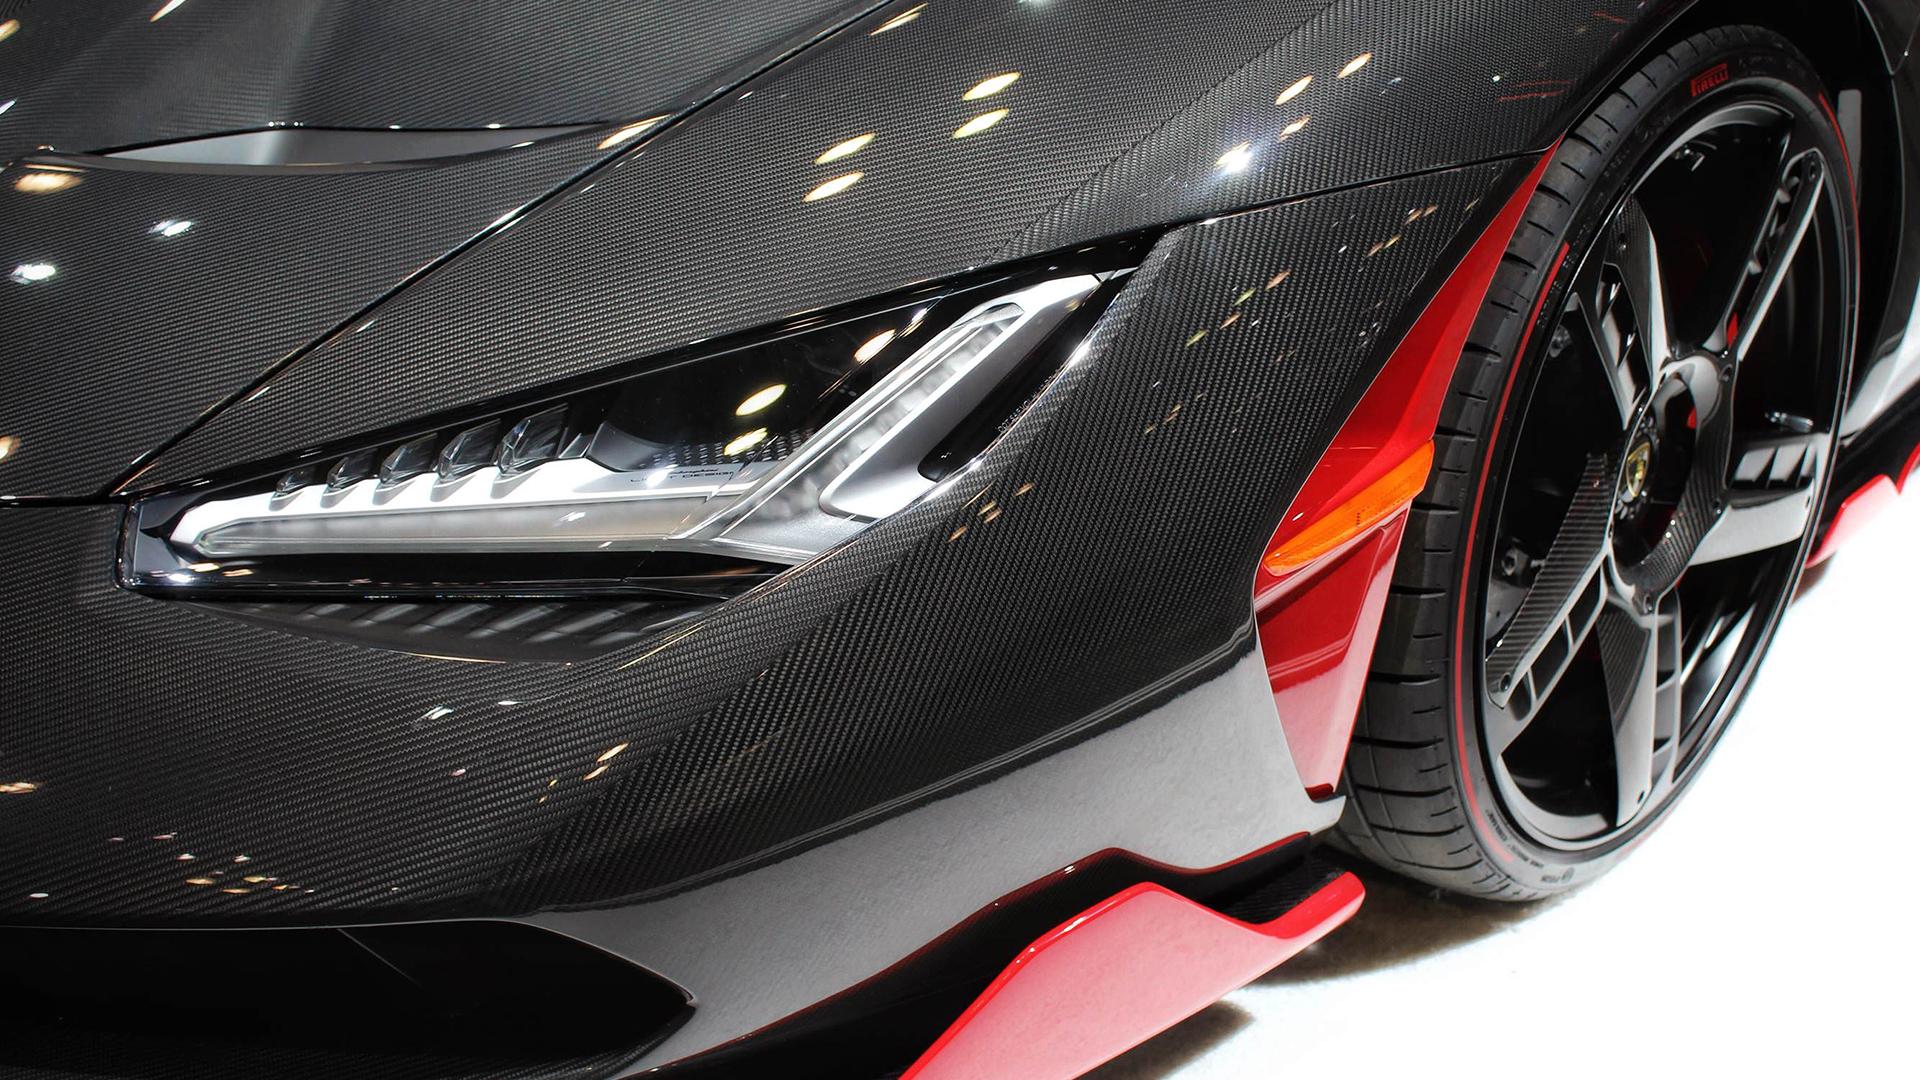 Wallpaper Lamborghini Centenario Lp770 4 Car Rims Head Lights